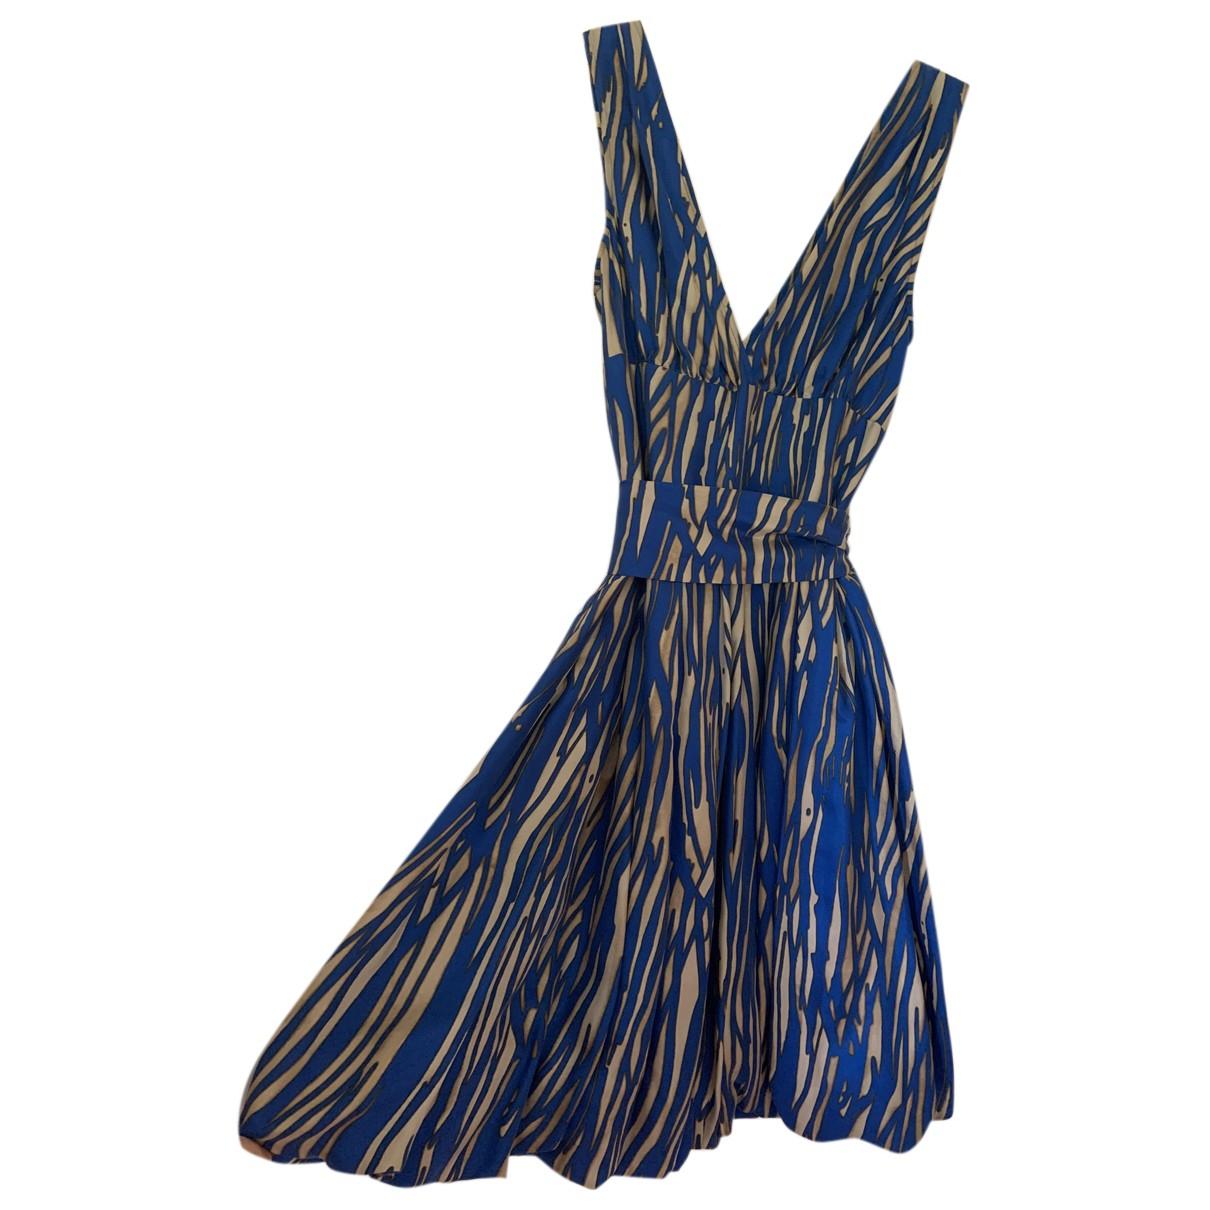 Rachel Zoe \N Kleid in  Blau Seide